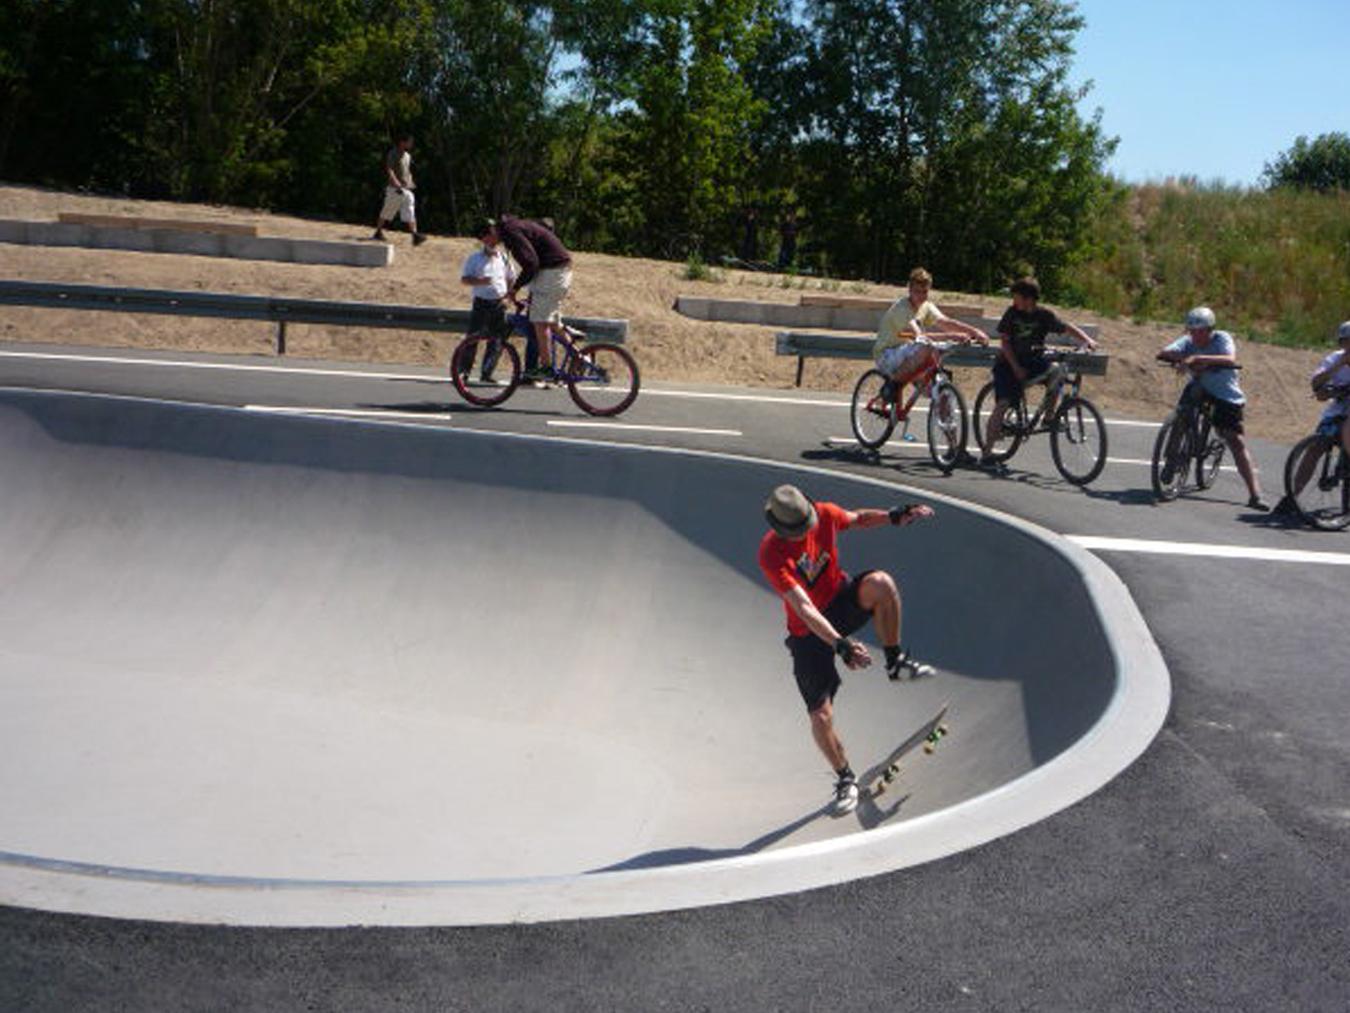 Stahnsdorf Skatepark3 a8